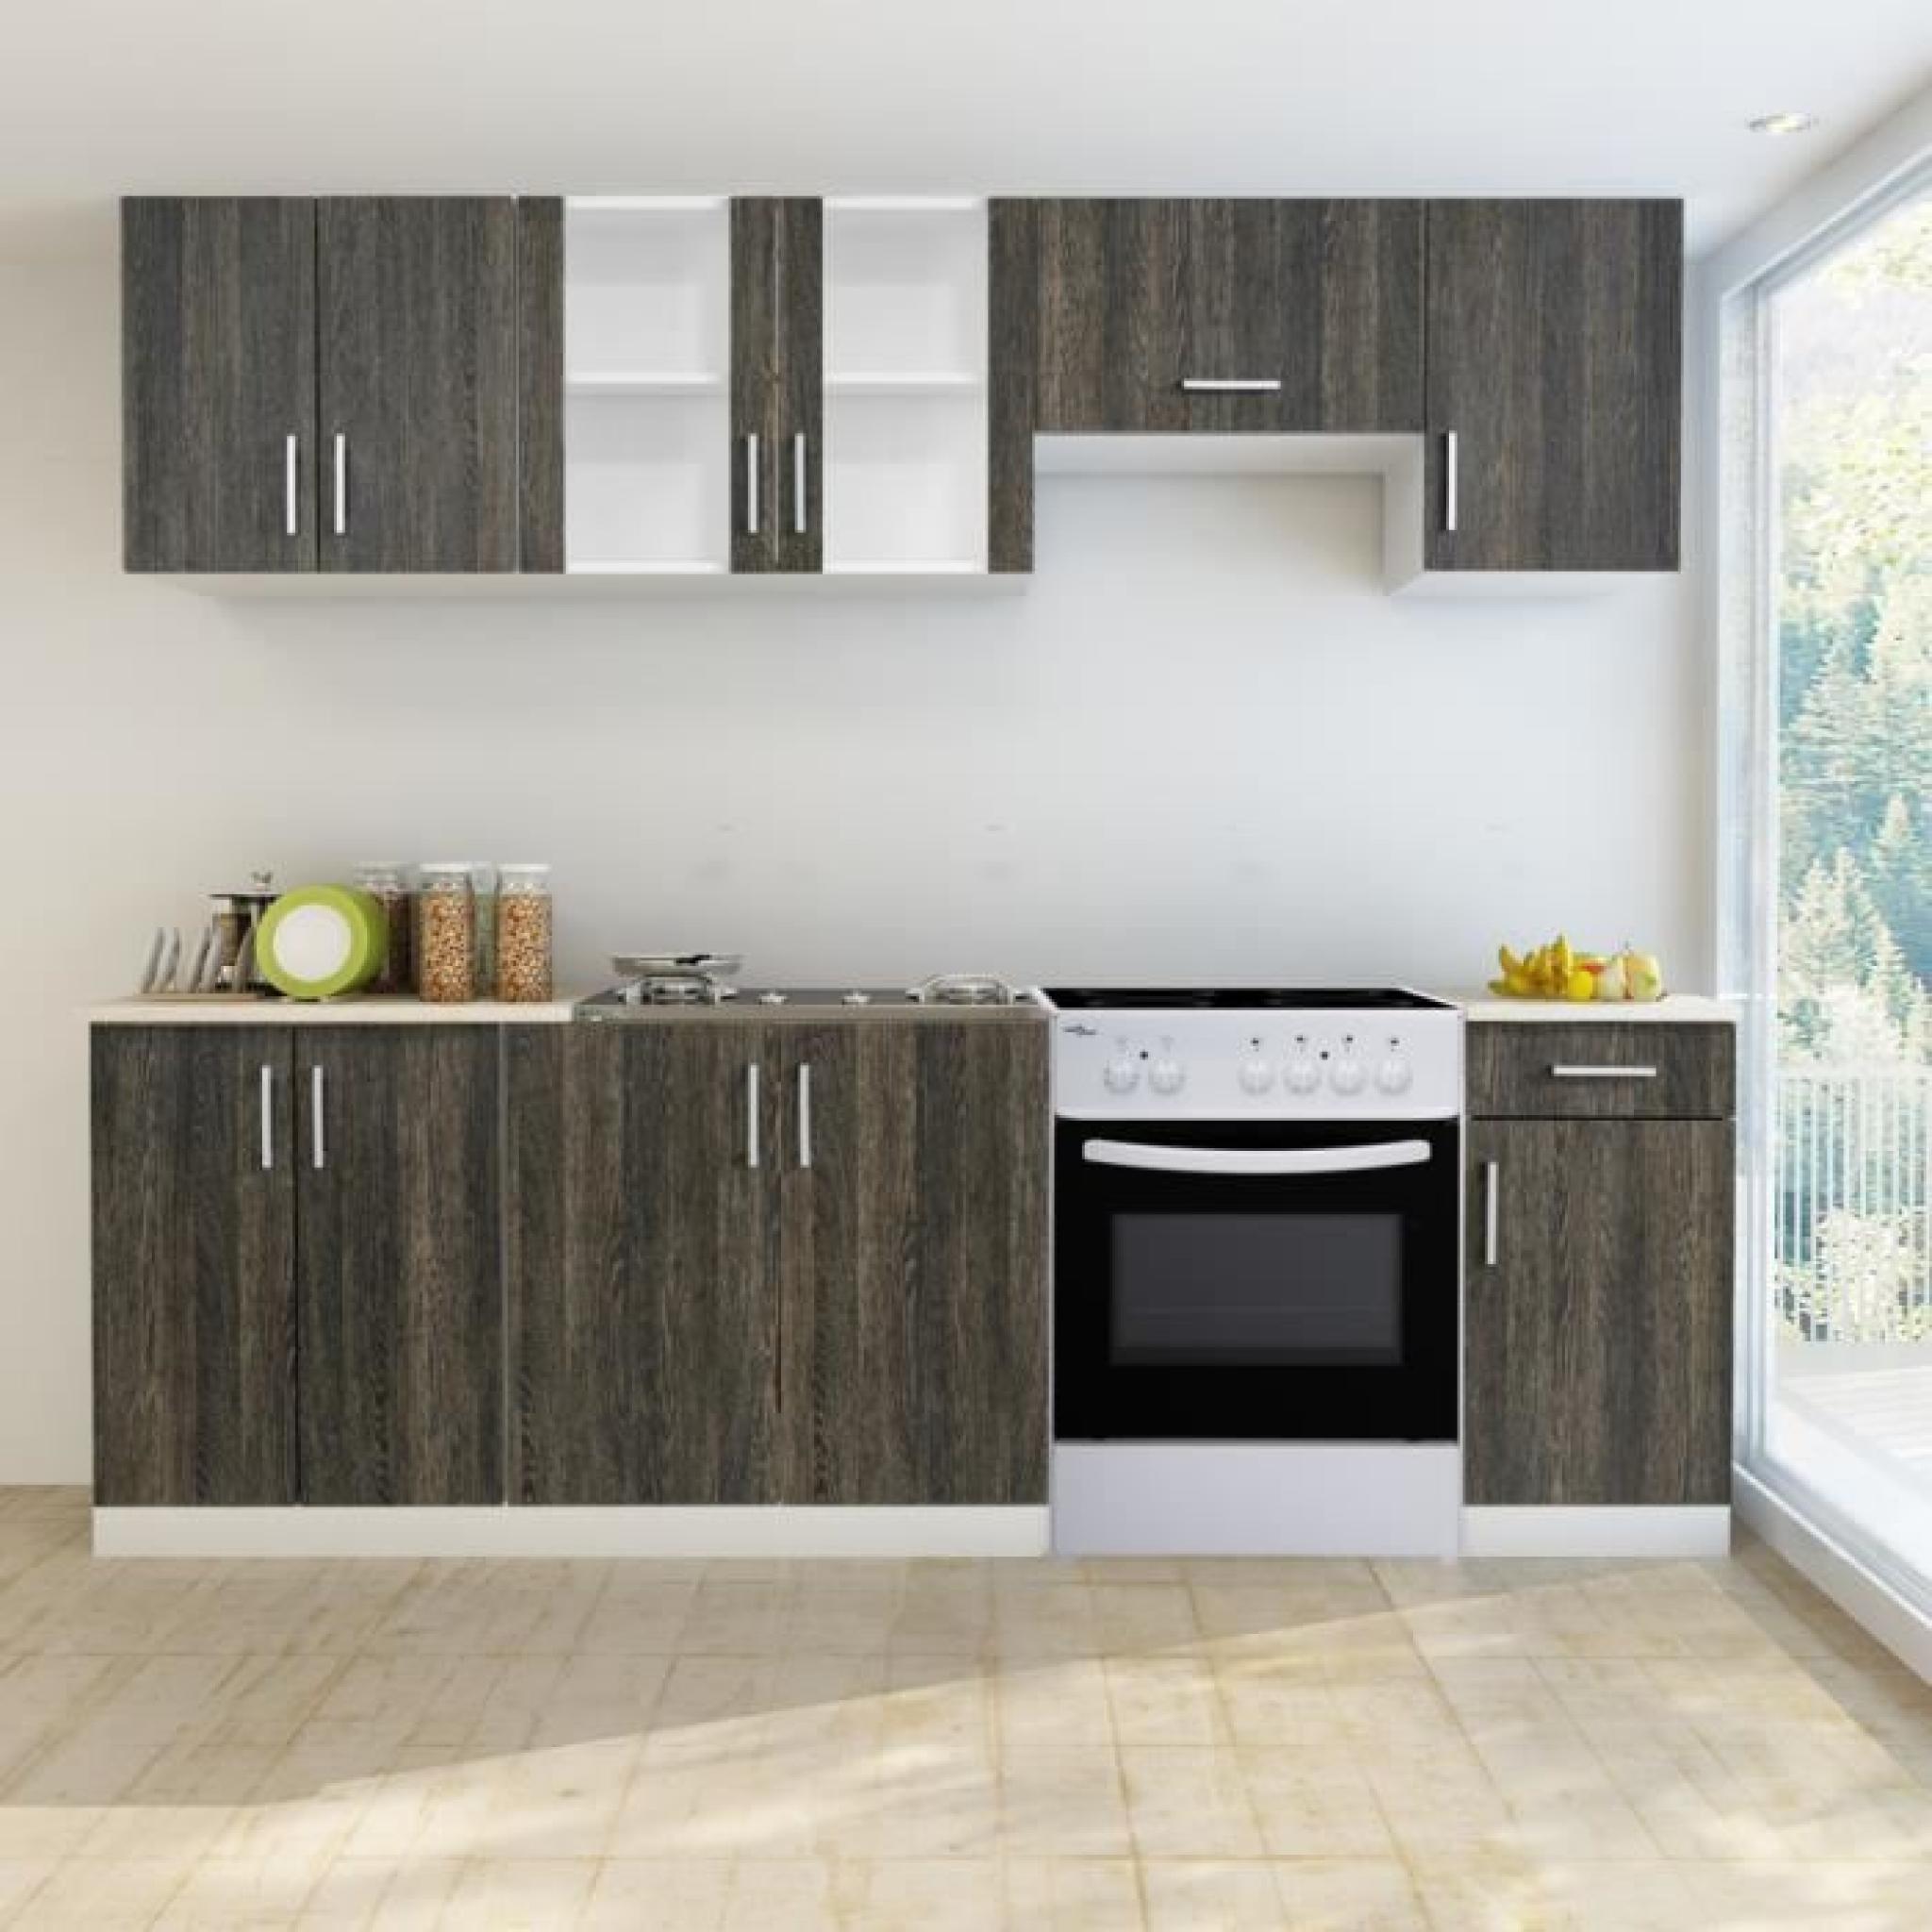 bloc armoires de cuisine en weng 7 pcs avec four autoportant achat vente cuisine complete pas. Black Bedroom Furniture Sets. Home Design Ideas